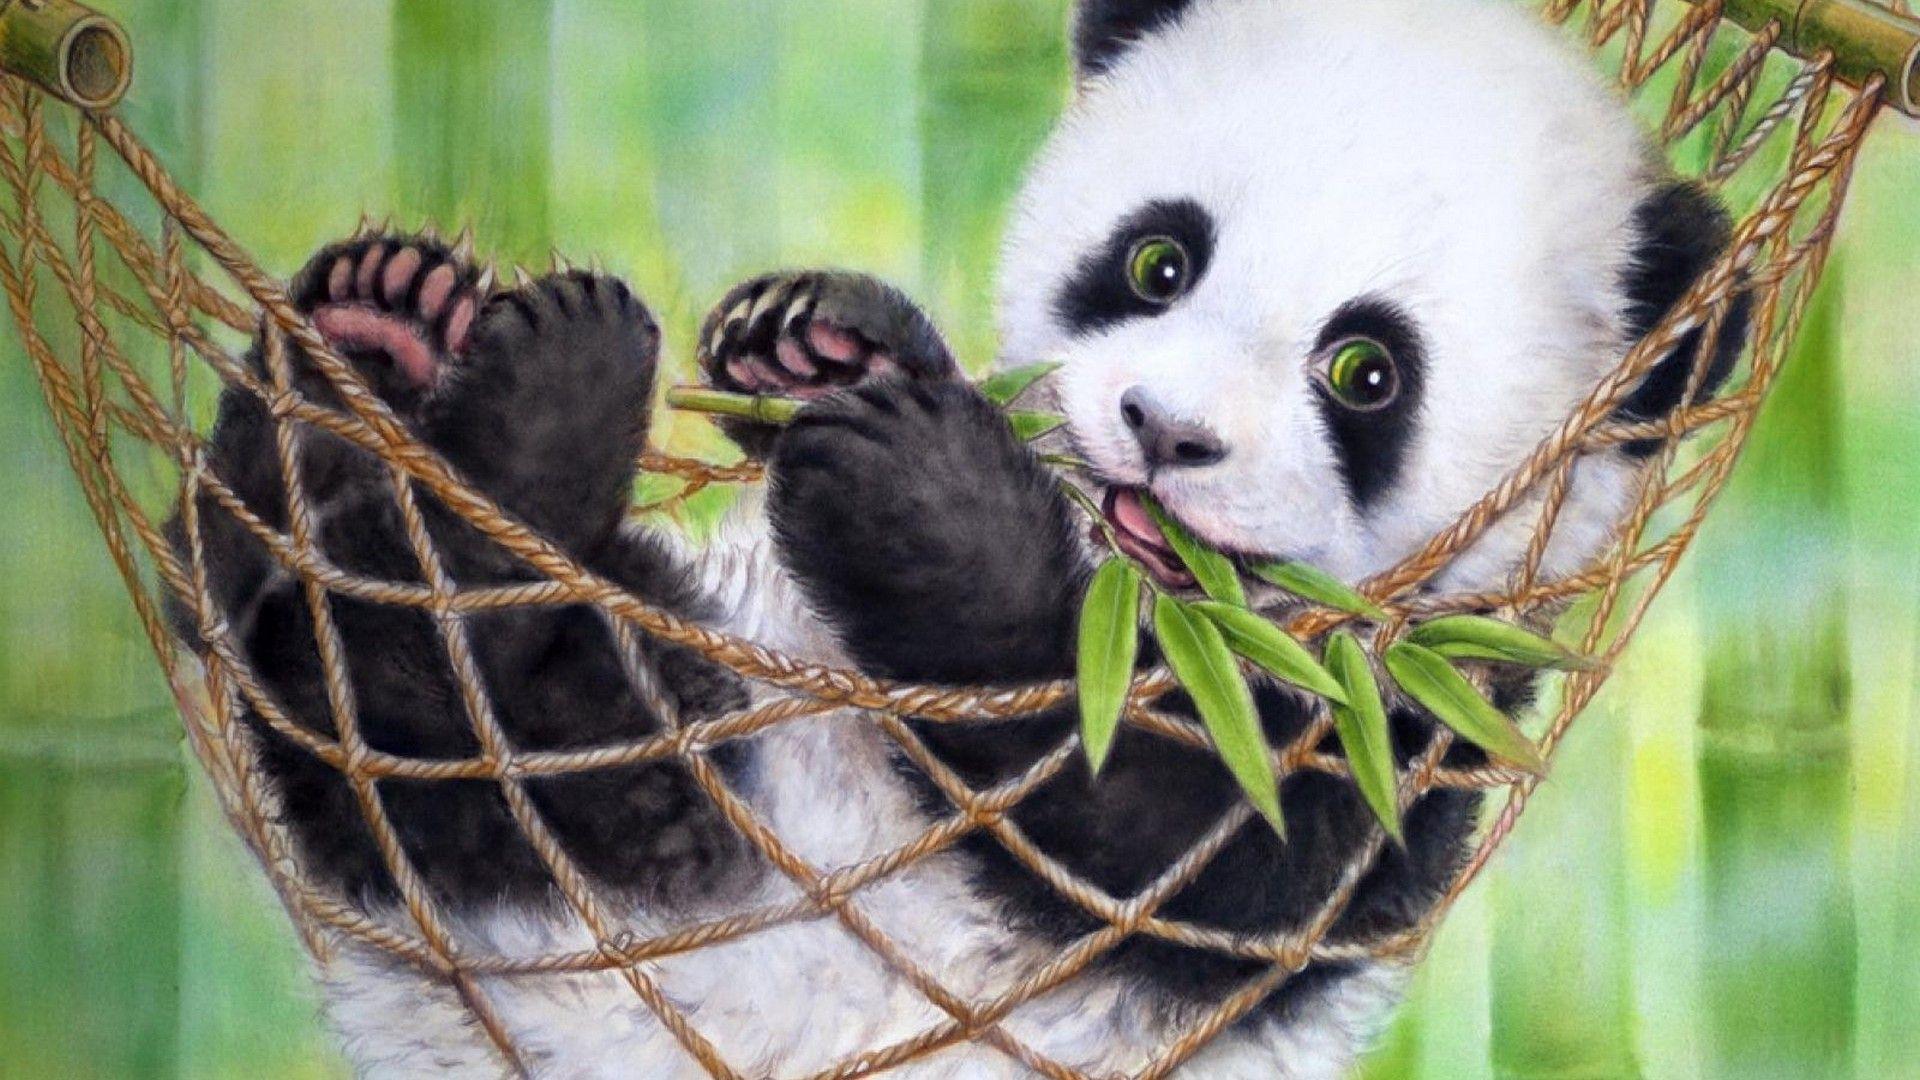 Cute Baby Panda Bear Wallpaper Best Hd Wallpapers Panda Bears Wallpaper Panda Bear Panda Wallpapers